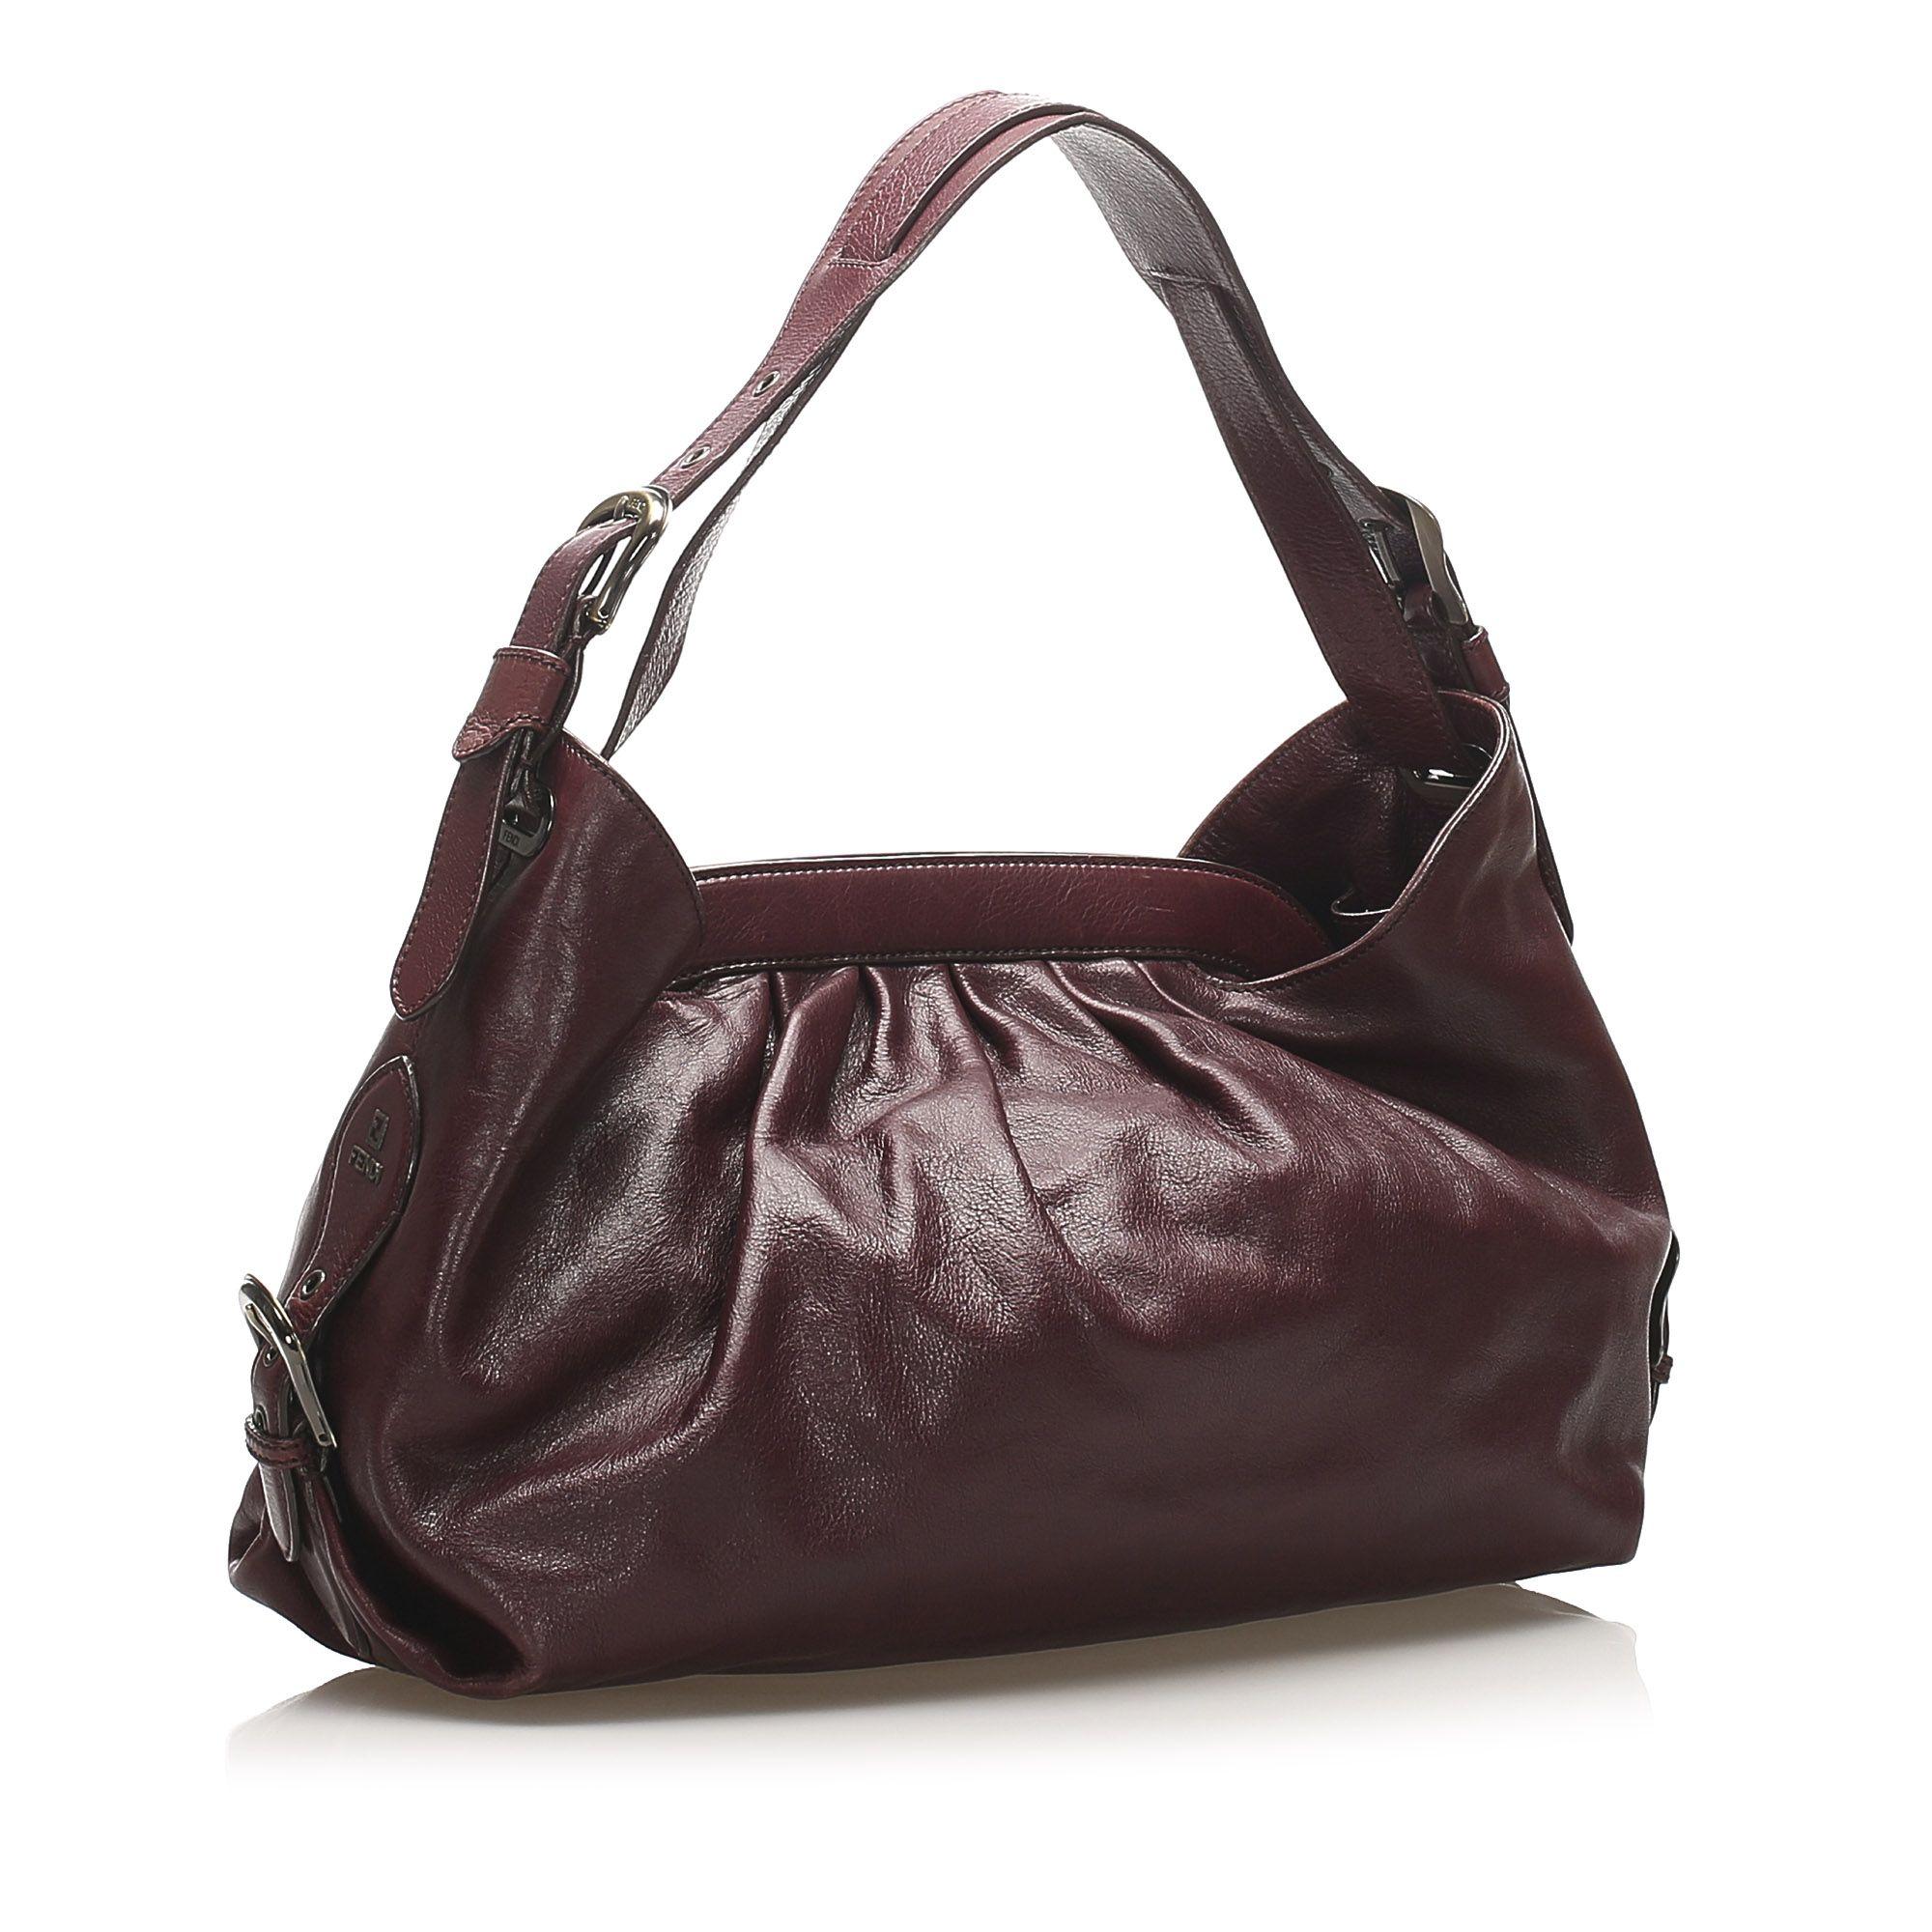 Vintage Fendi Doctor B Leather Handbag Red